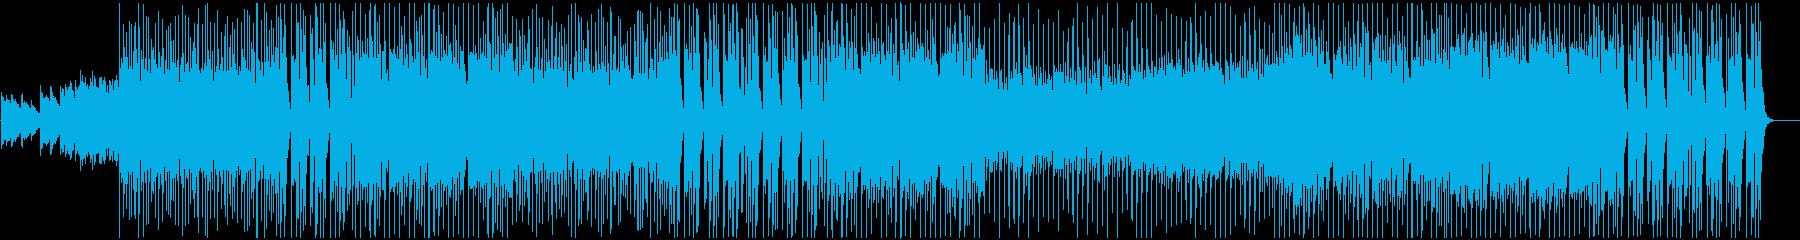 優雅華麗な戦闘BGMの再生済みの波形